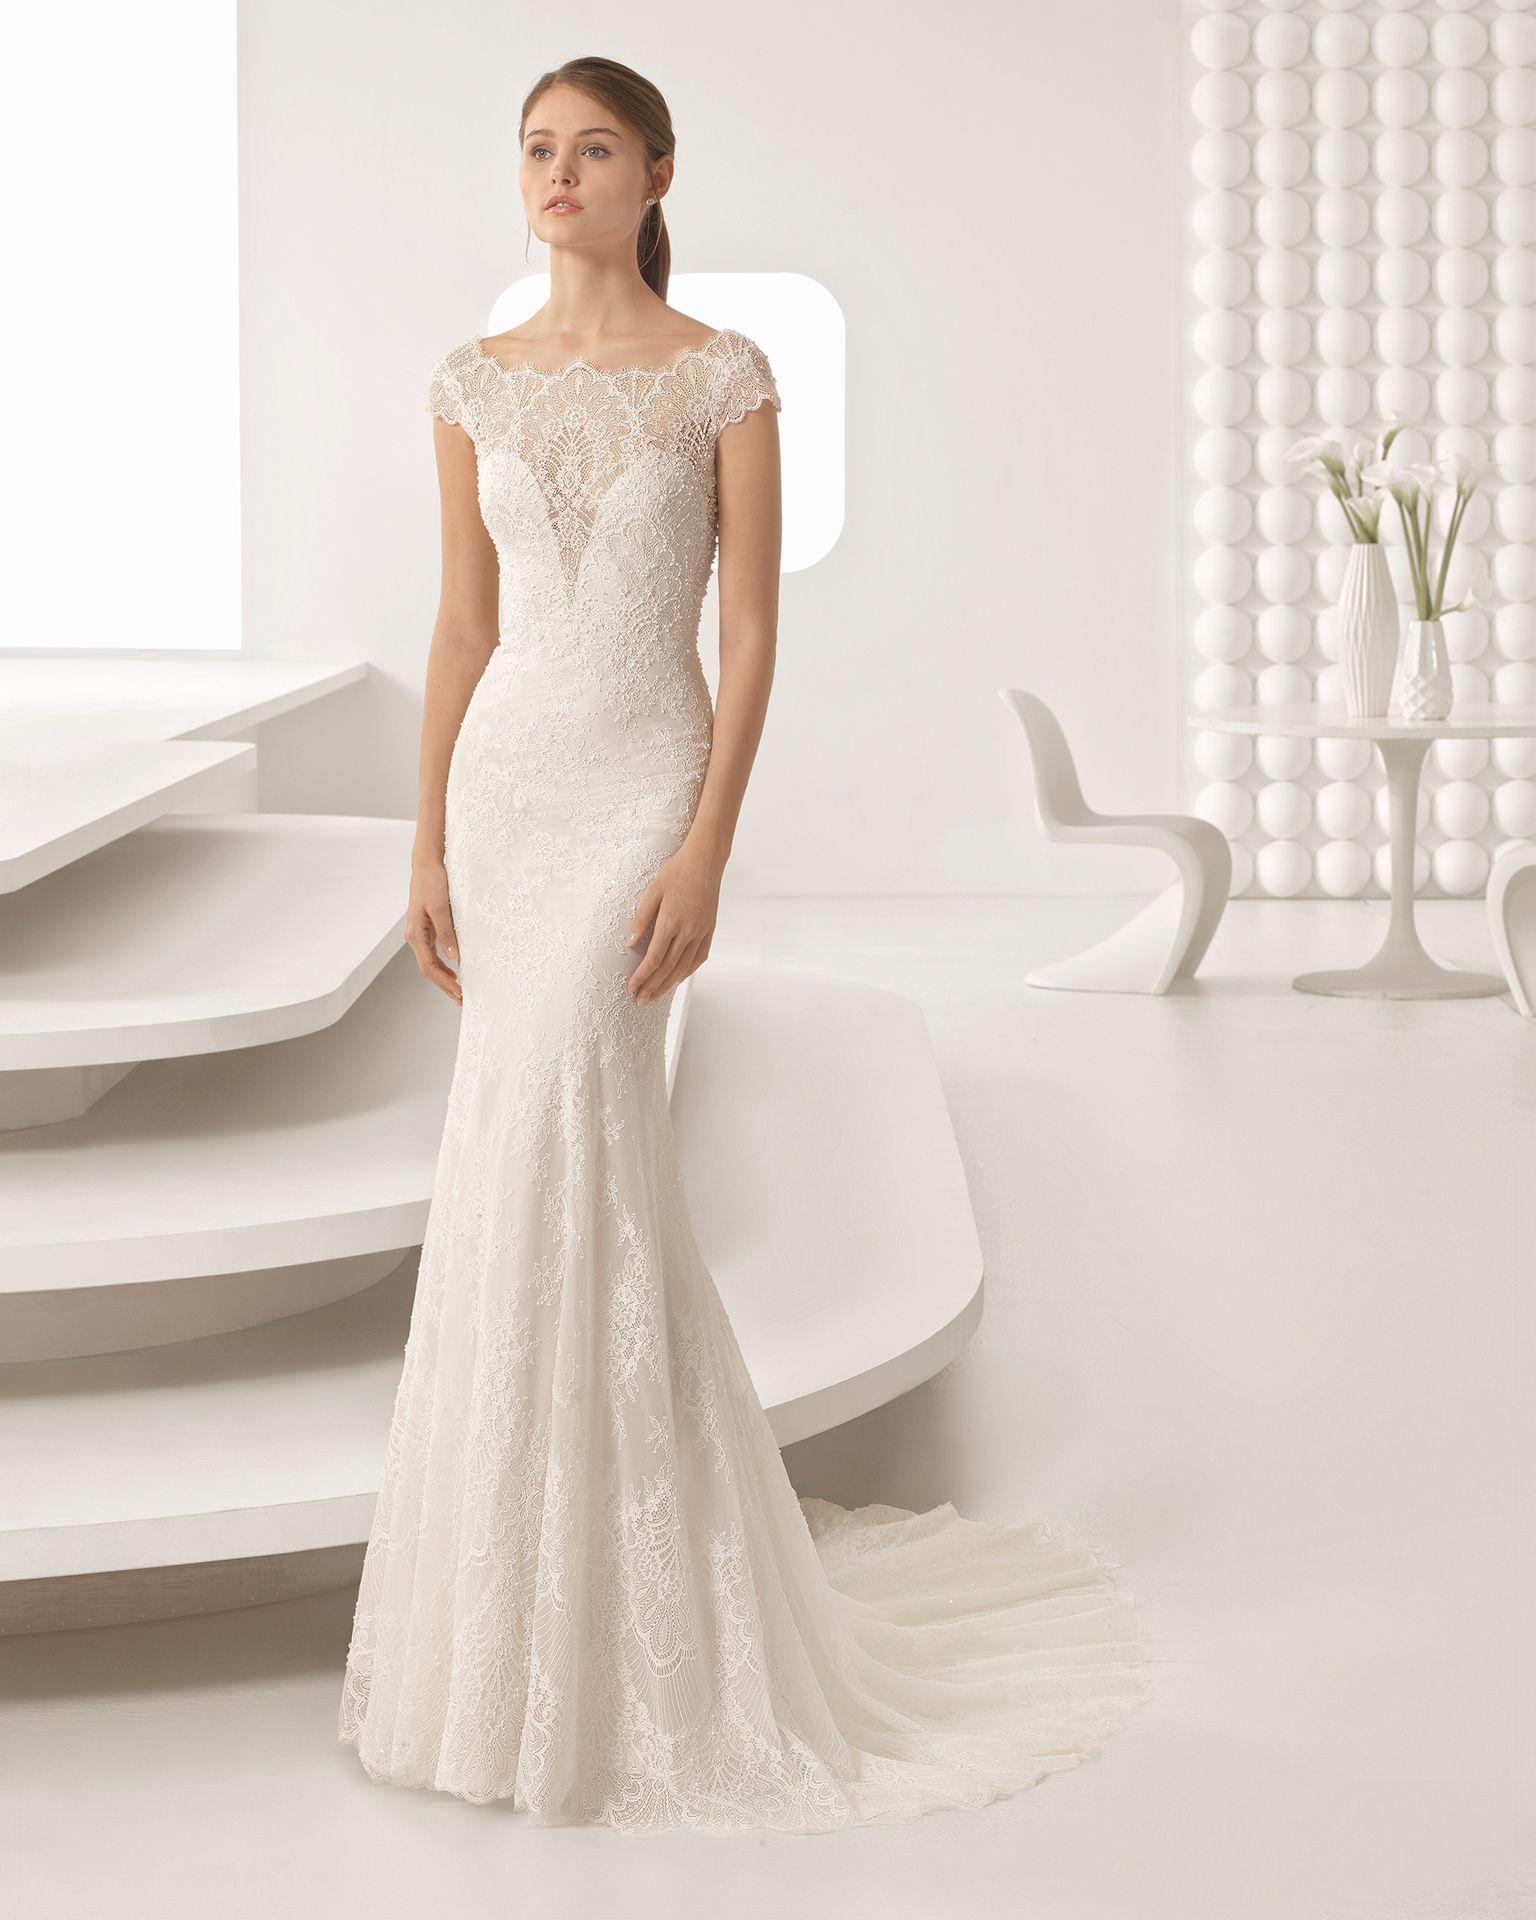 ADA - 2018 Bridal Collection. Rosa Clará Collection